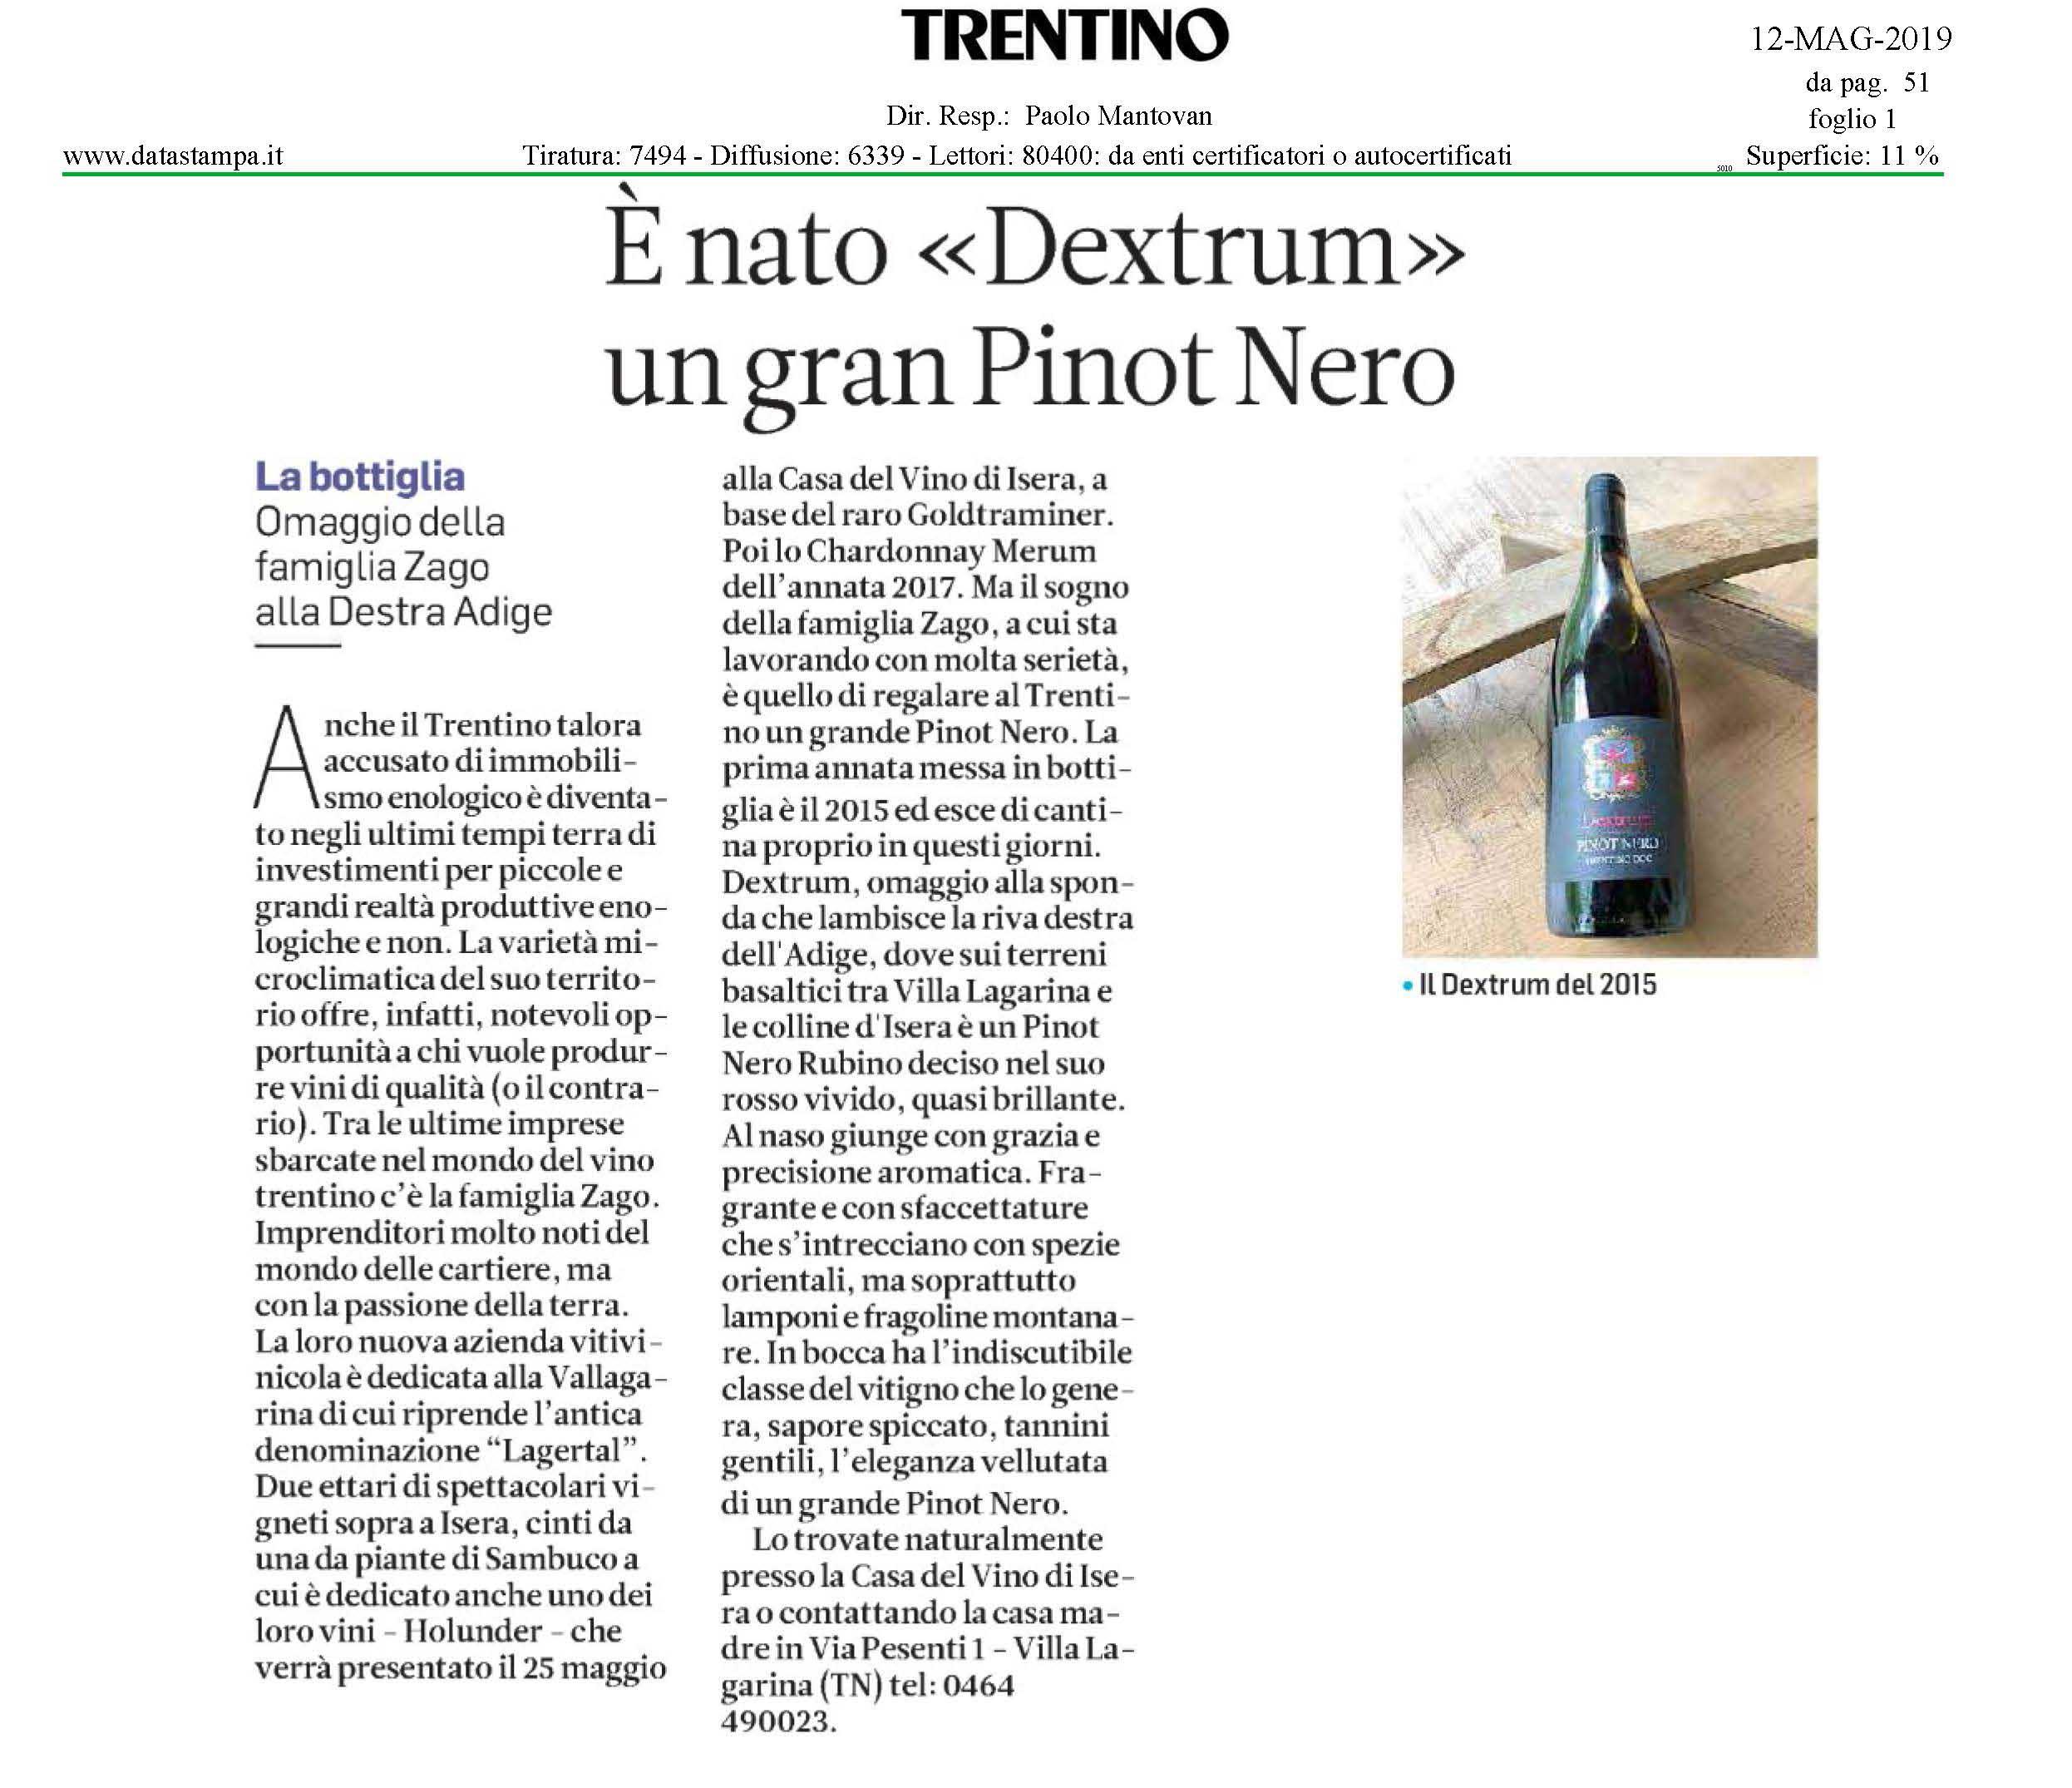 Trentino 12.5.19 Dextrum.jpg